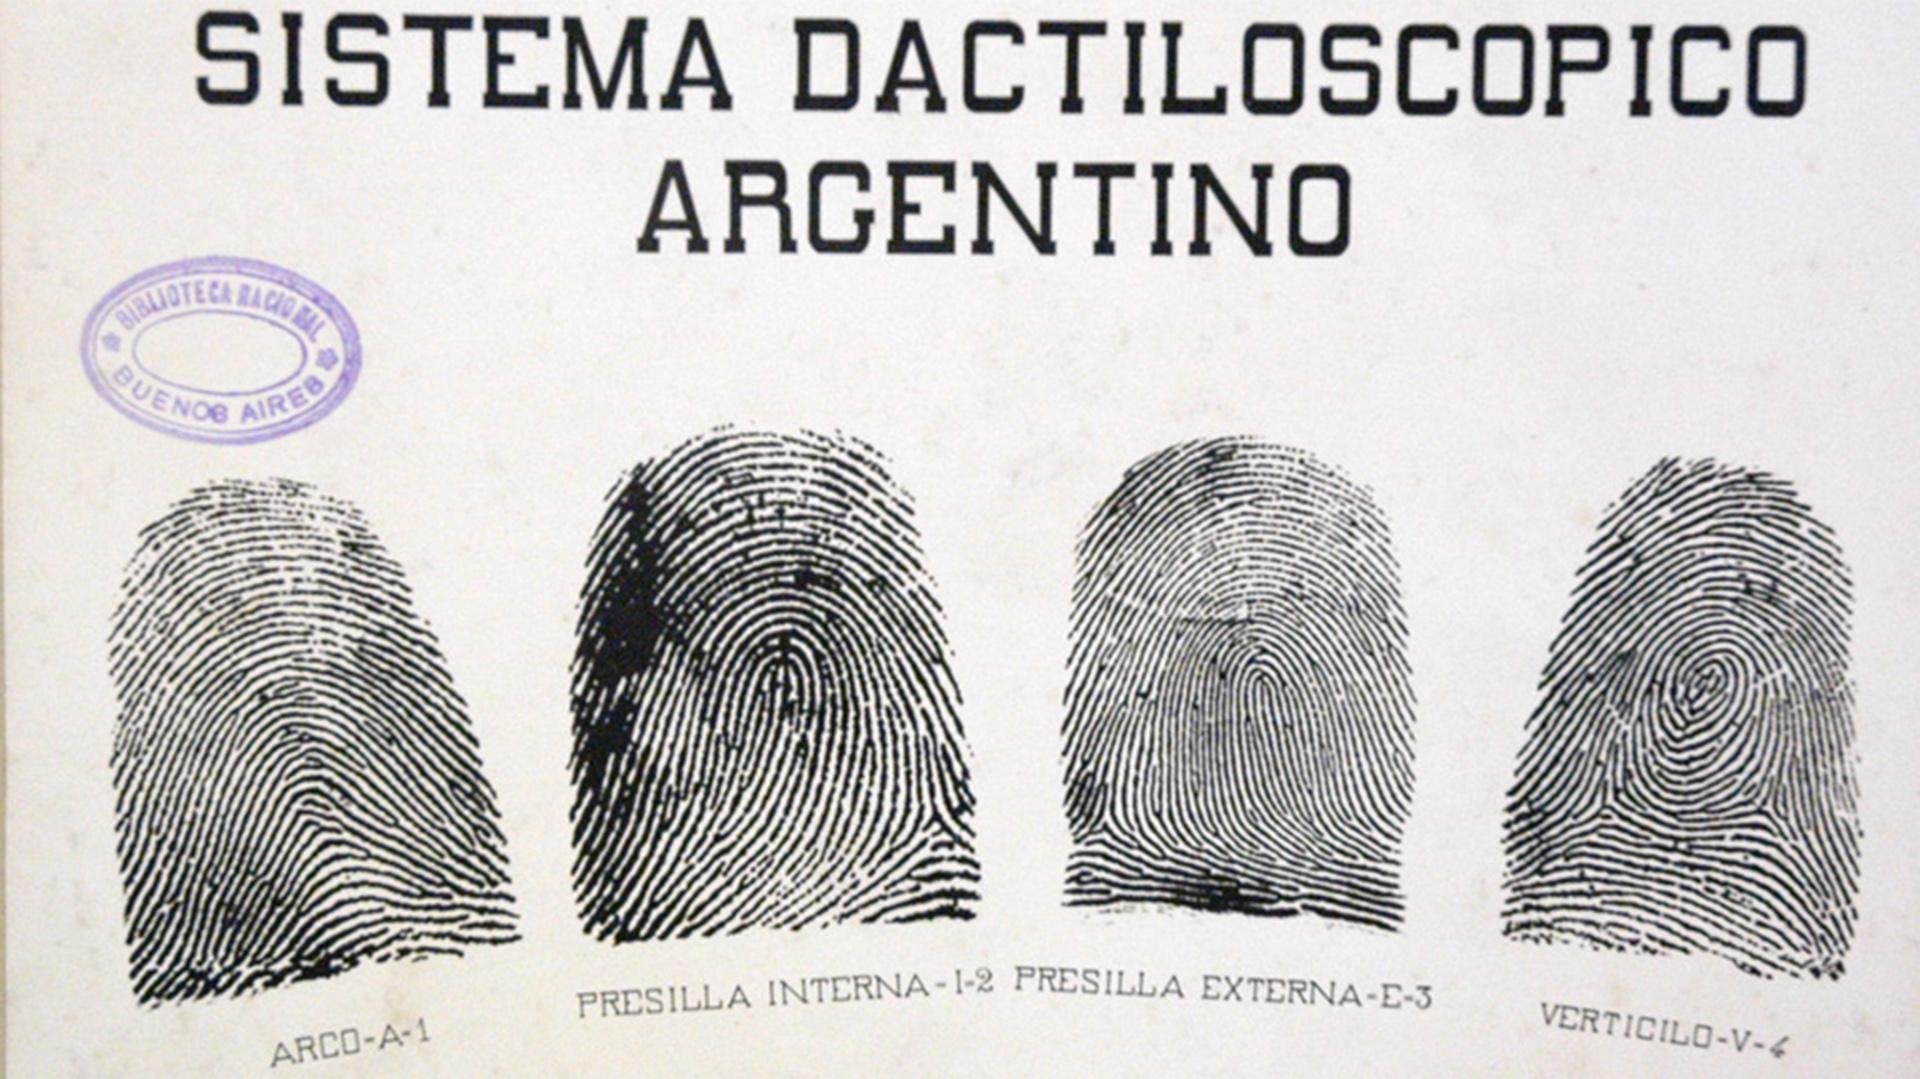 Invento argentino: cómo se resolvió en 1892 el dilema de la identificación de criminales - Infobae